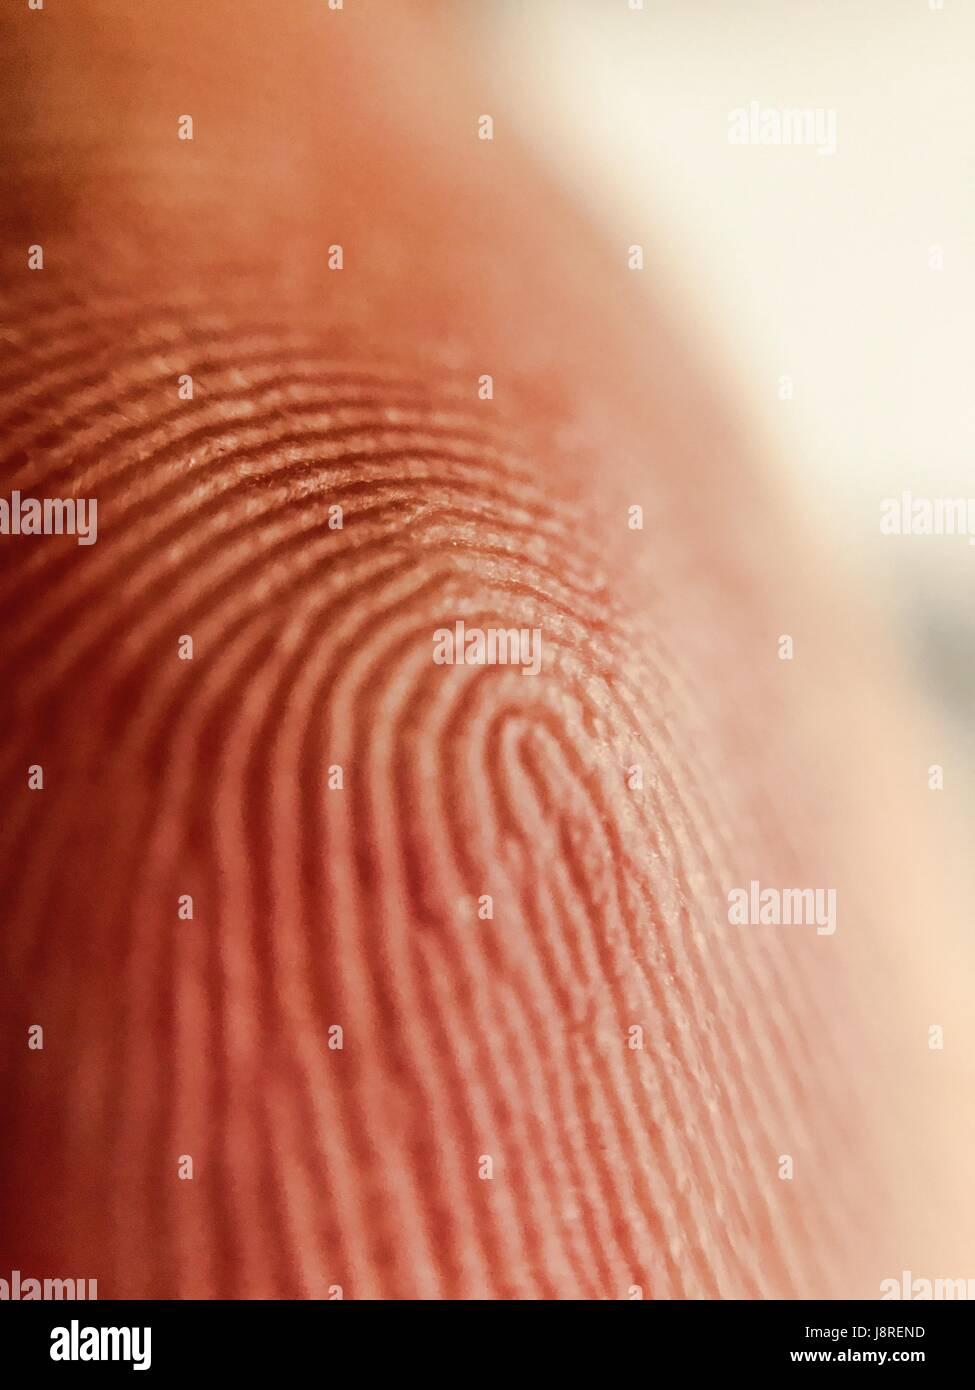 Human finger closeup - Stock Image